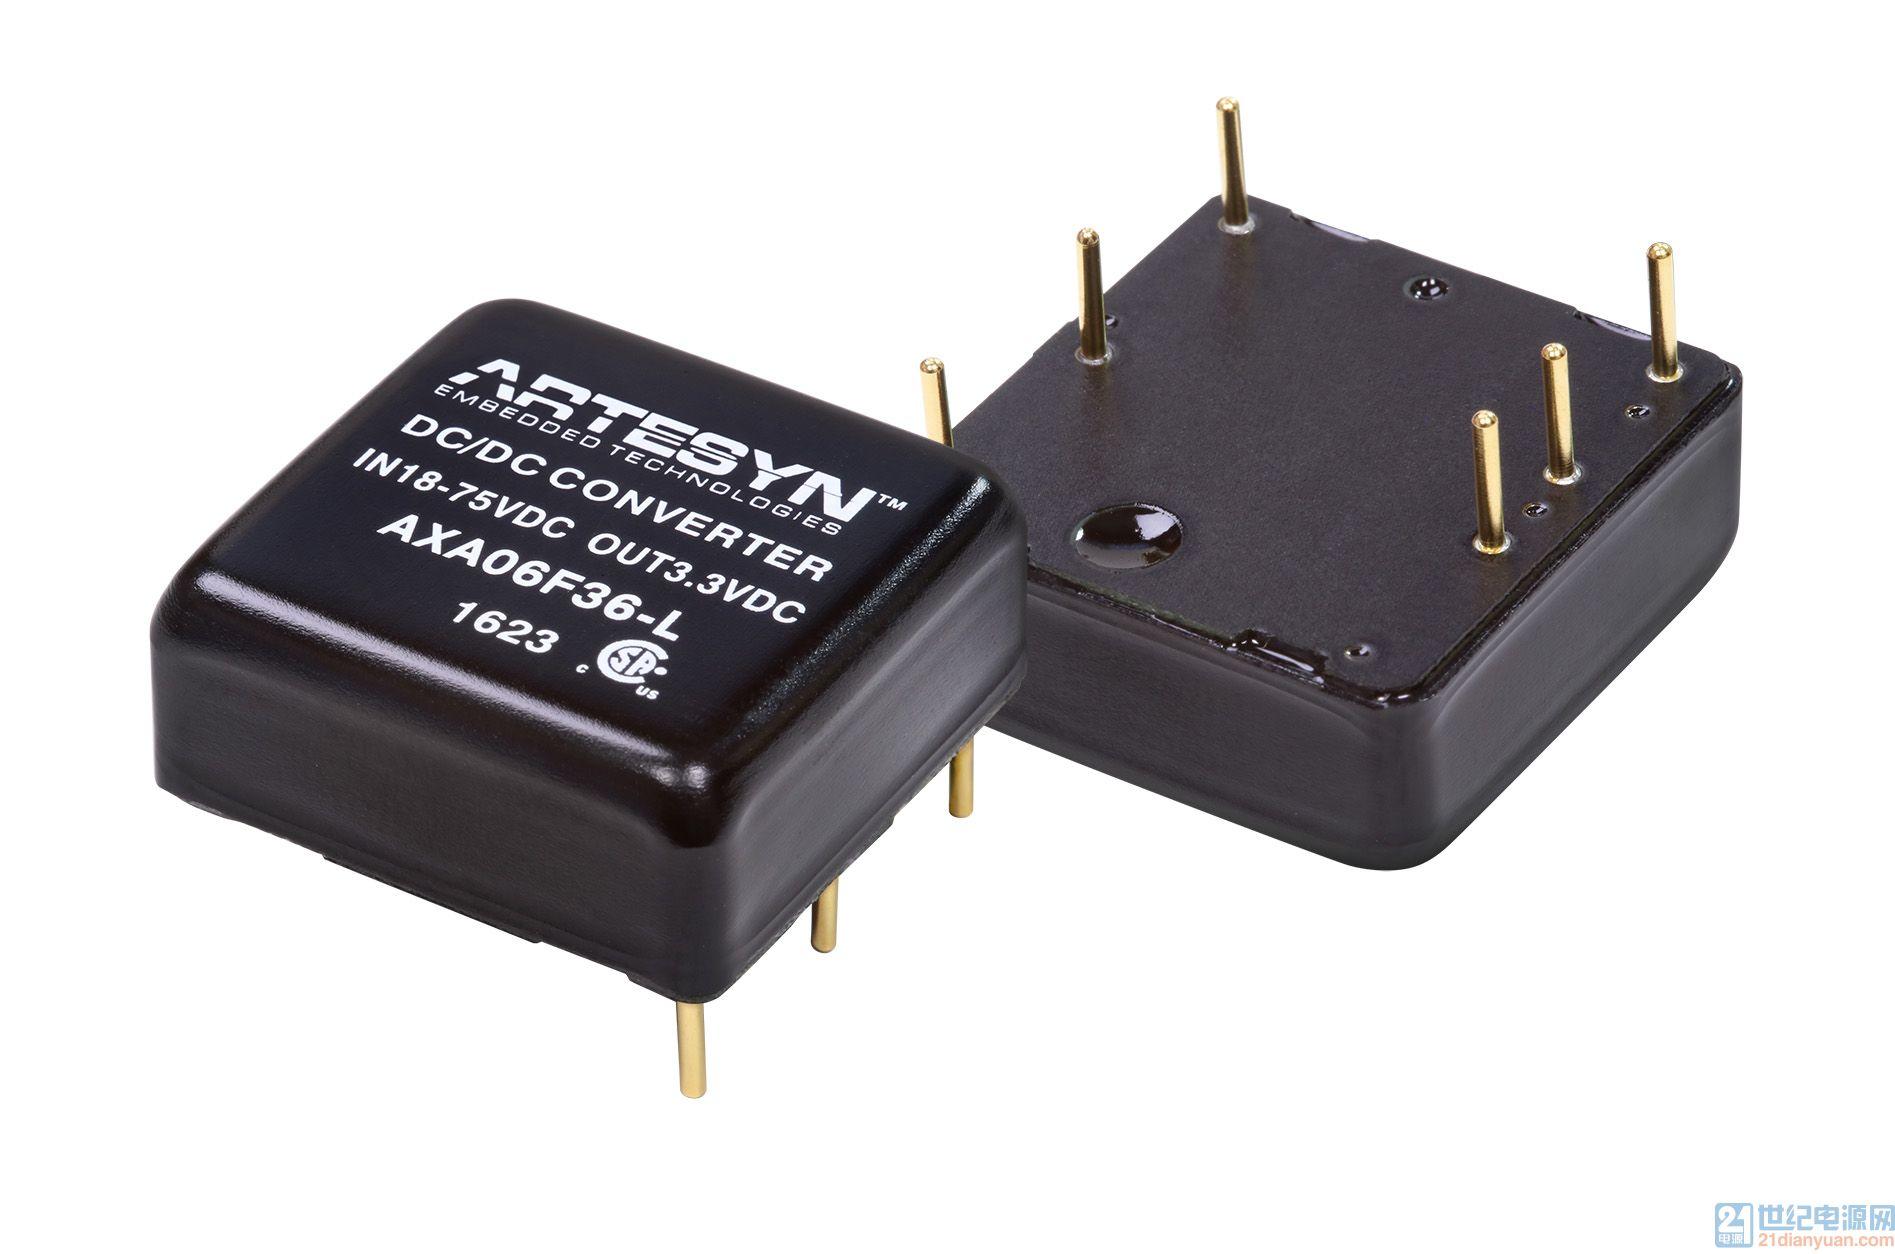 雅特生科技推出全新系列适用于工业产品和加固型电子设备的25W高密度直流/直流电源转换器